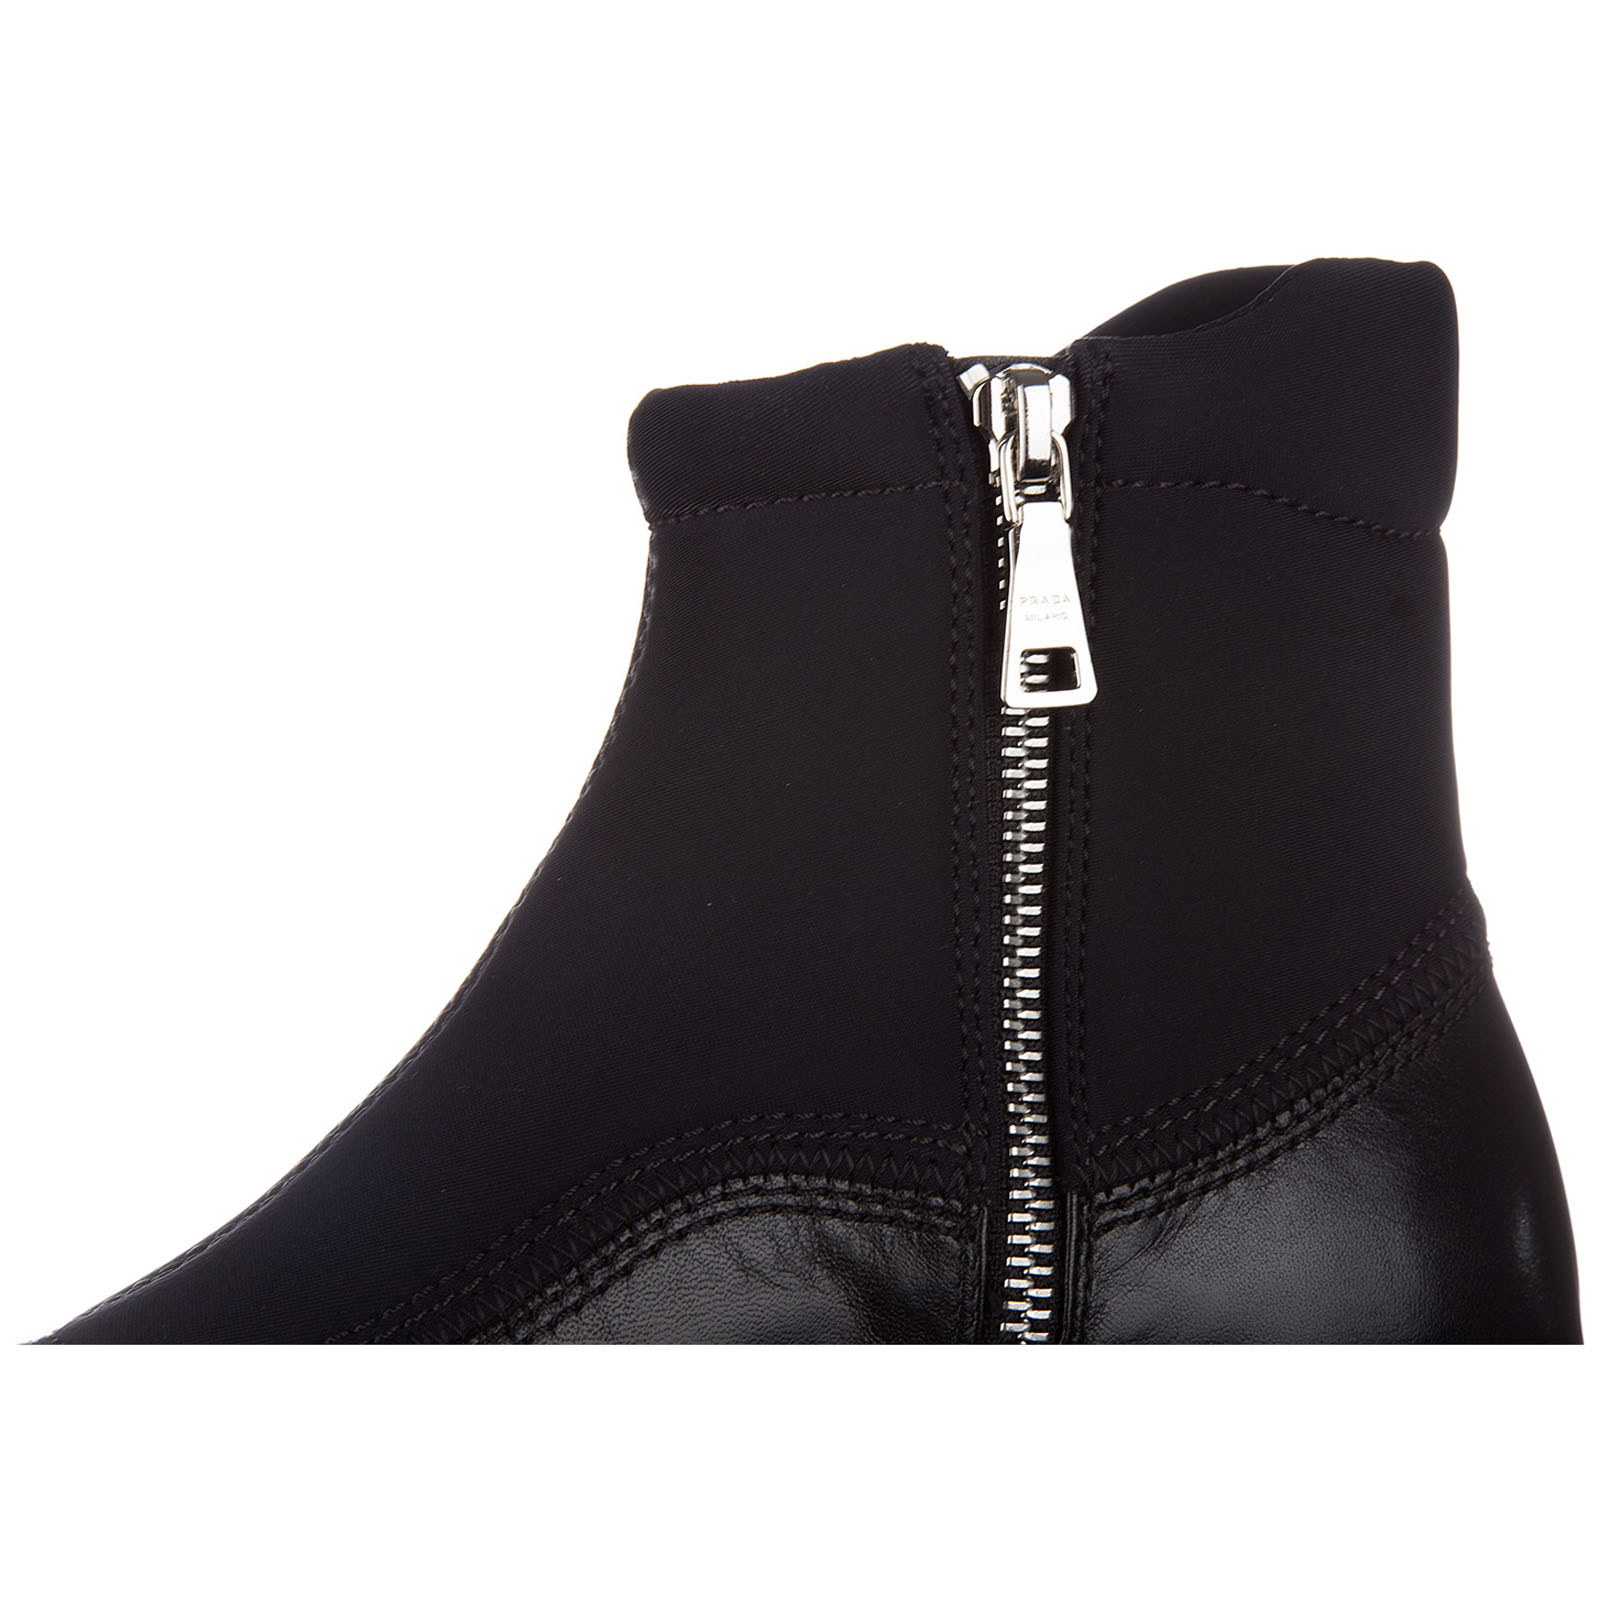 Demi bottes femme en cuir